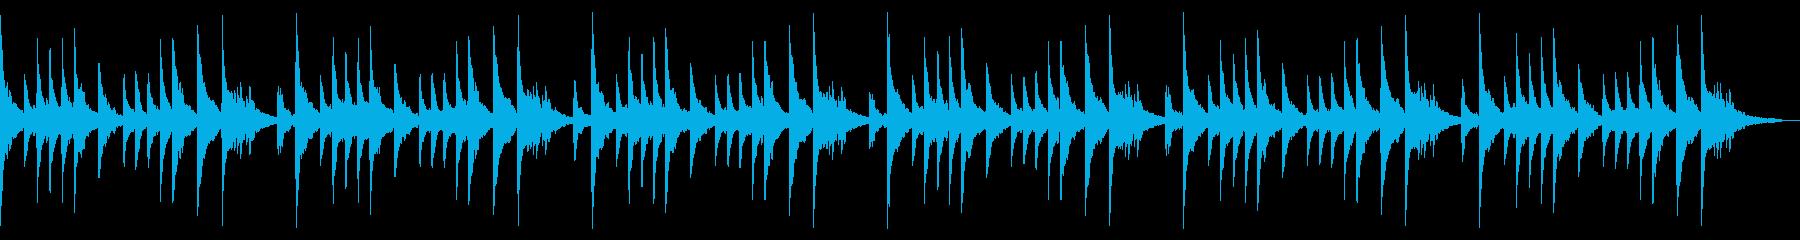 桜散るエモーショナルピアノソロチルアウトの再生済みの波形